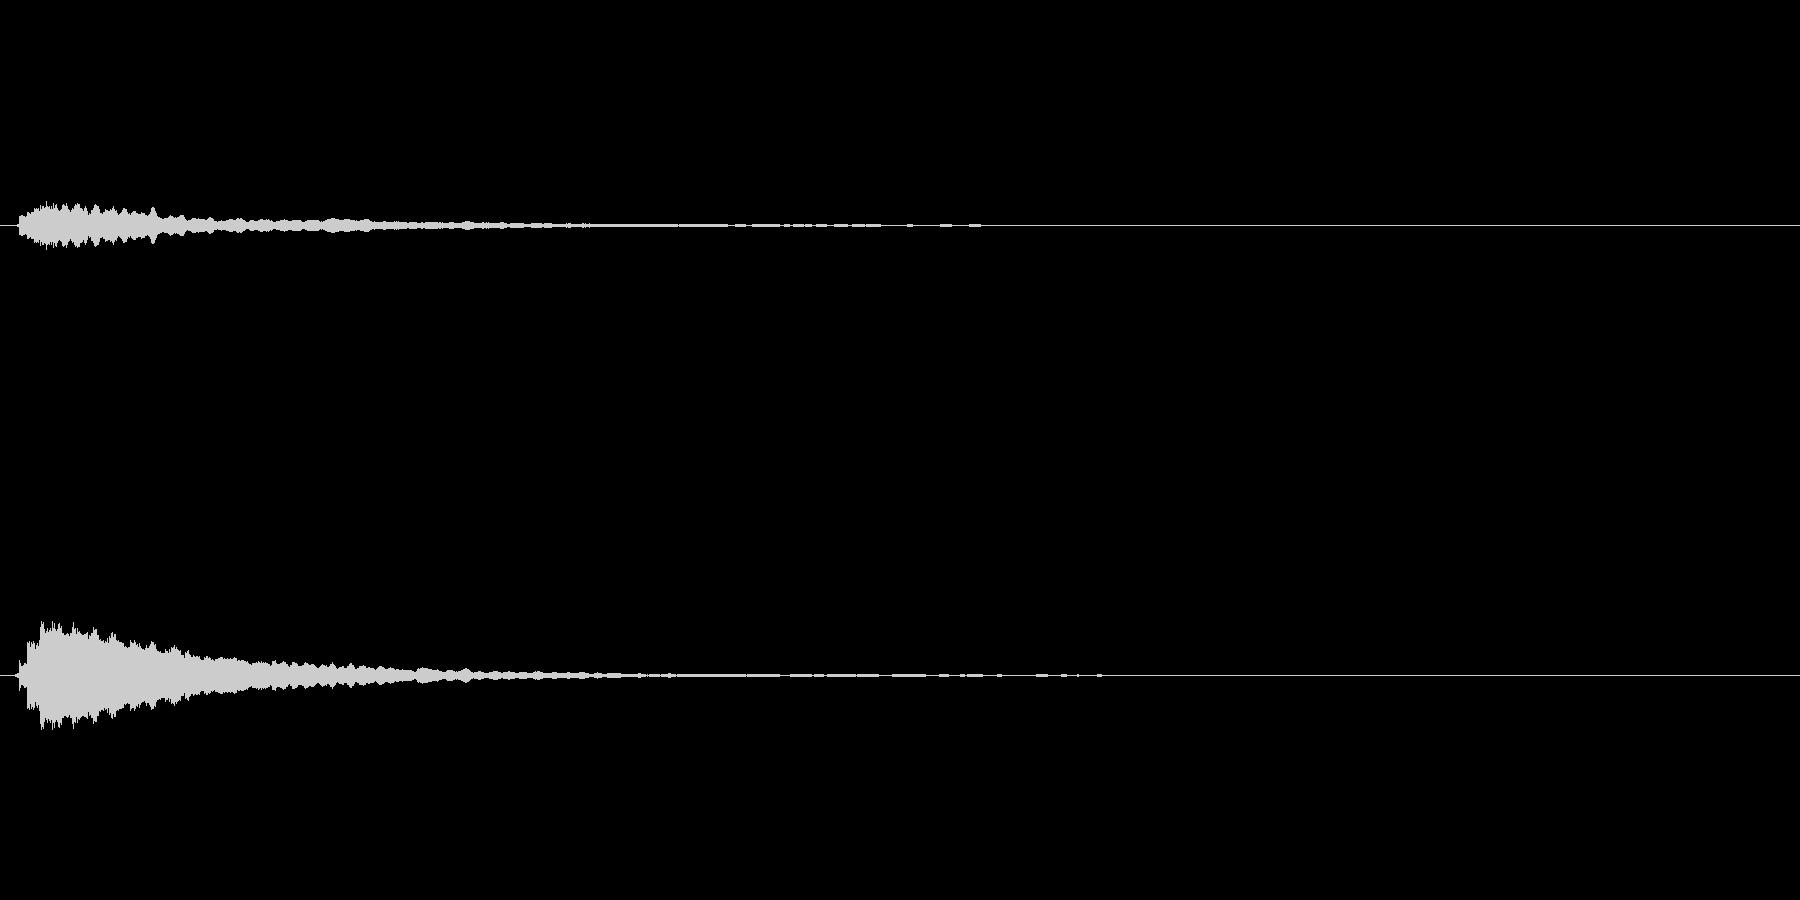 キラキラ系_049の未再生の波形